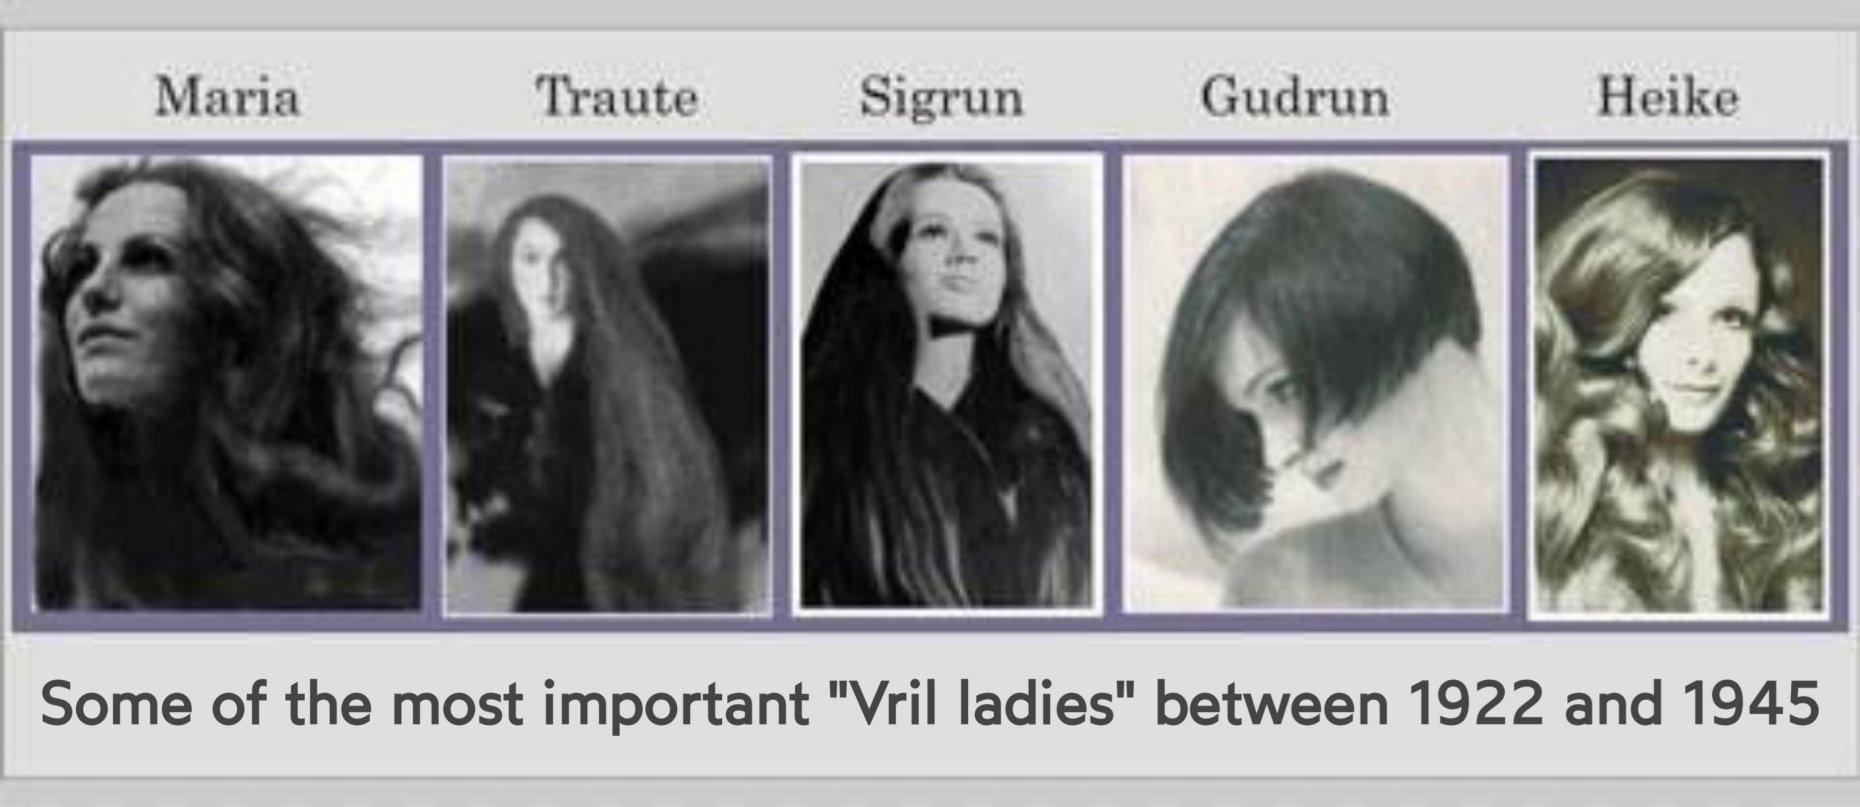 The Vril Ladies